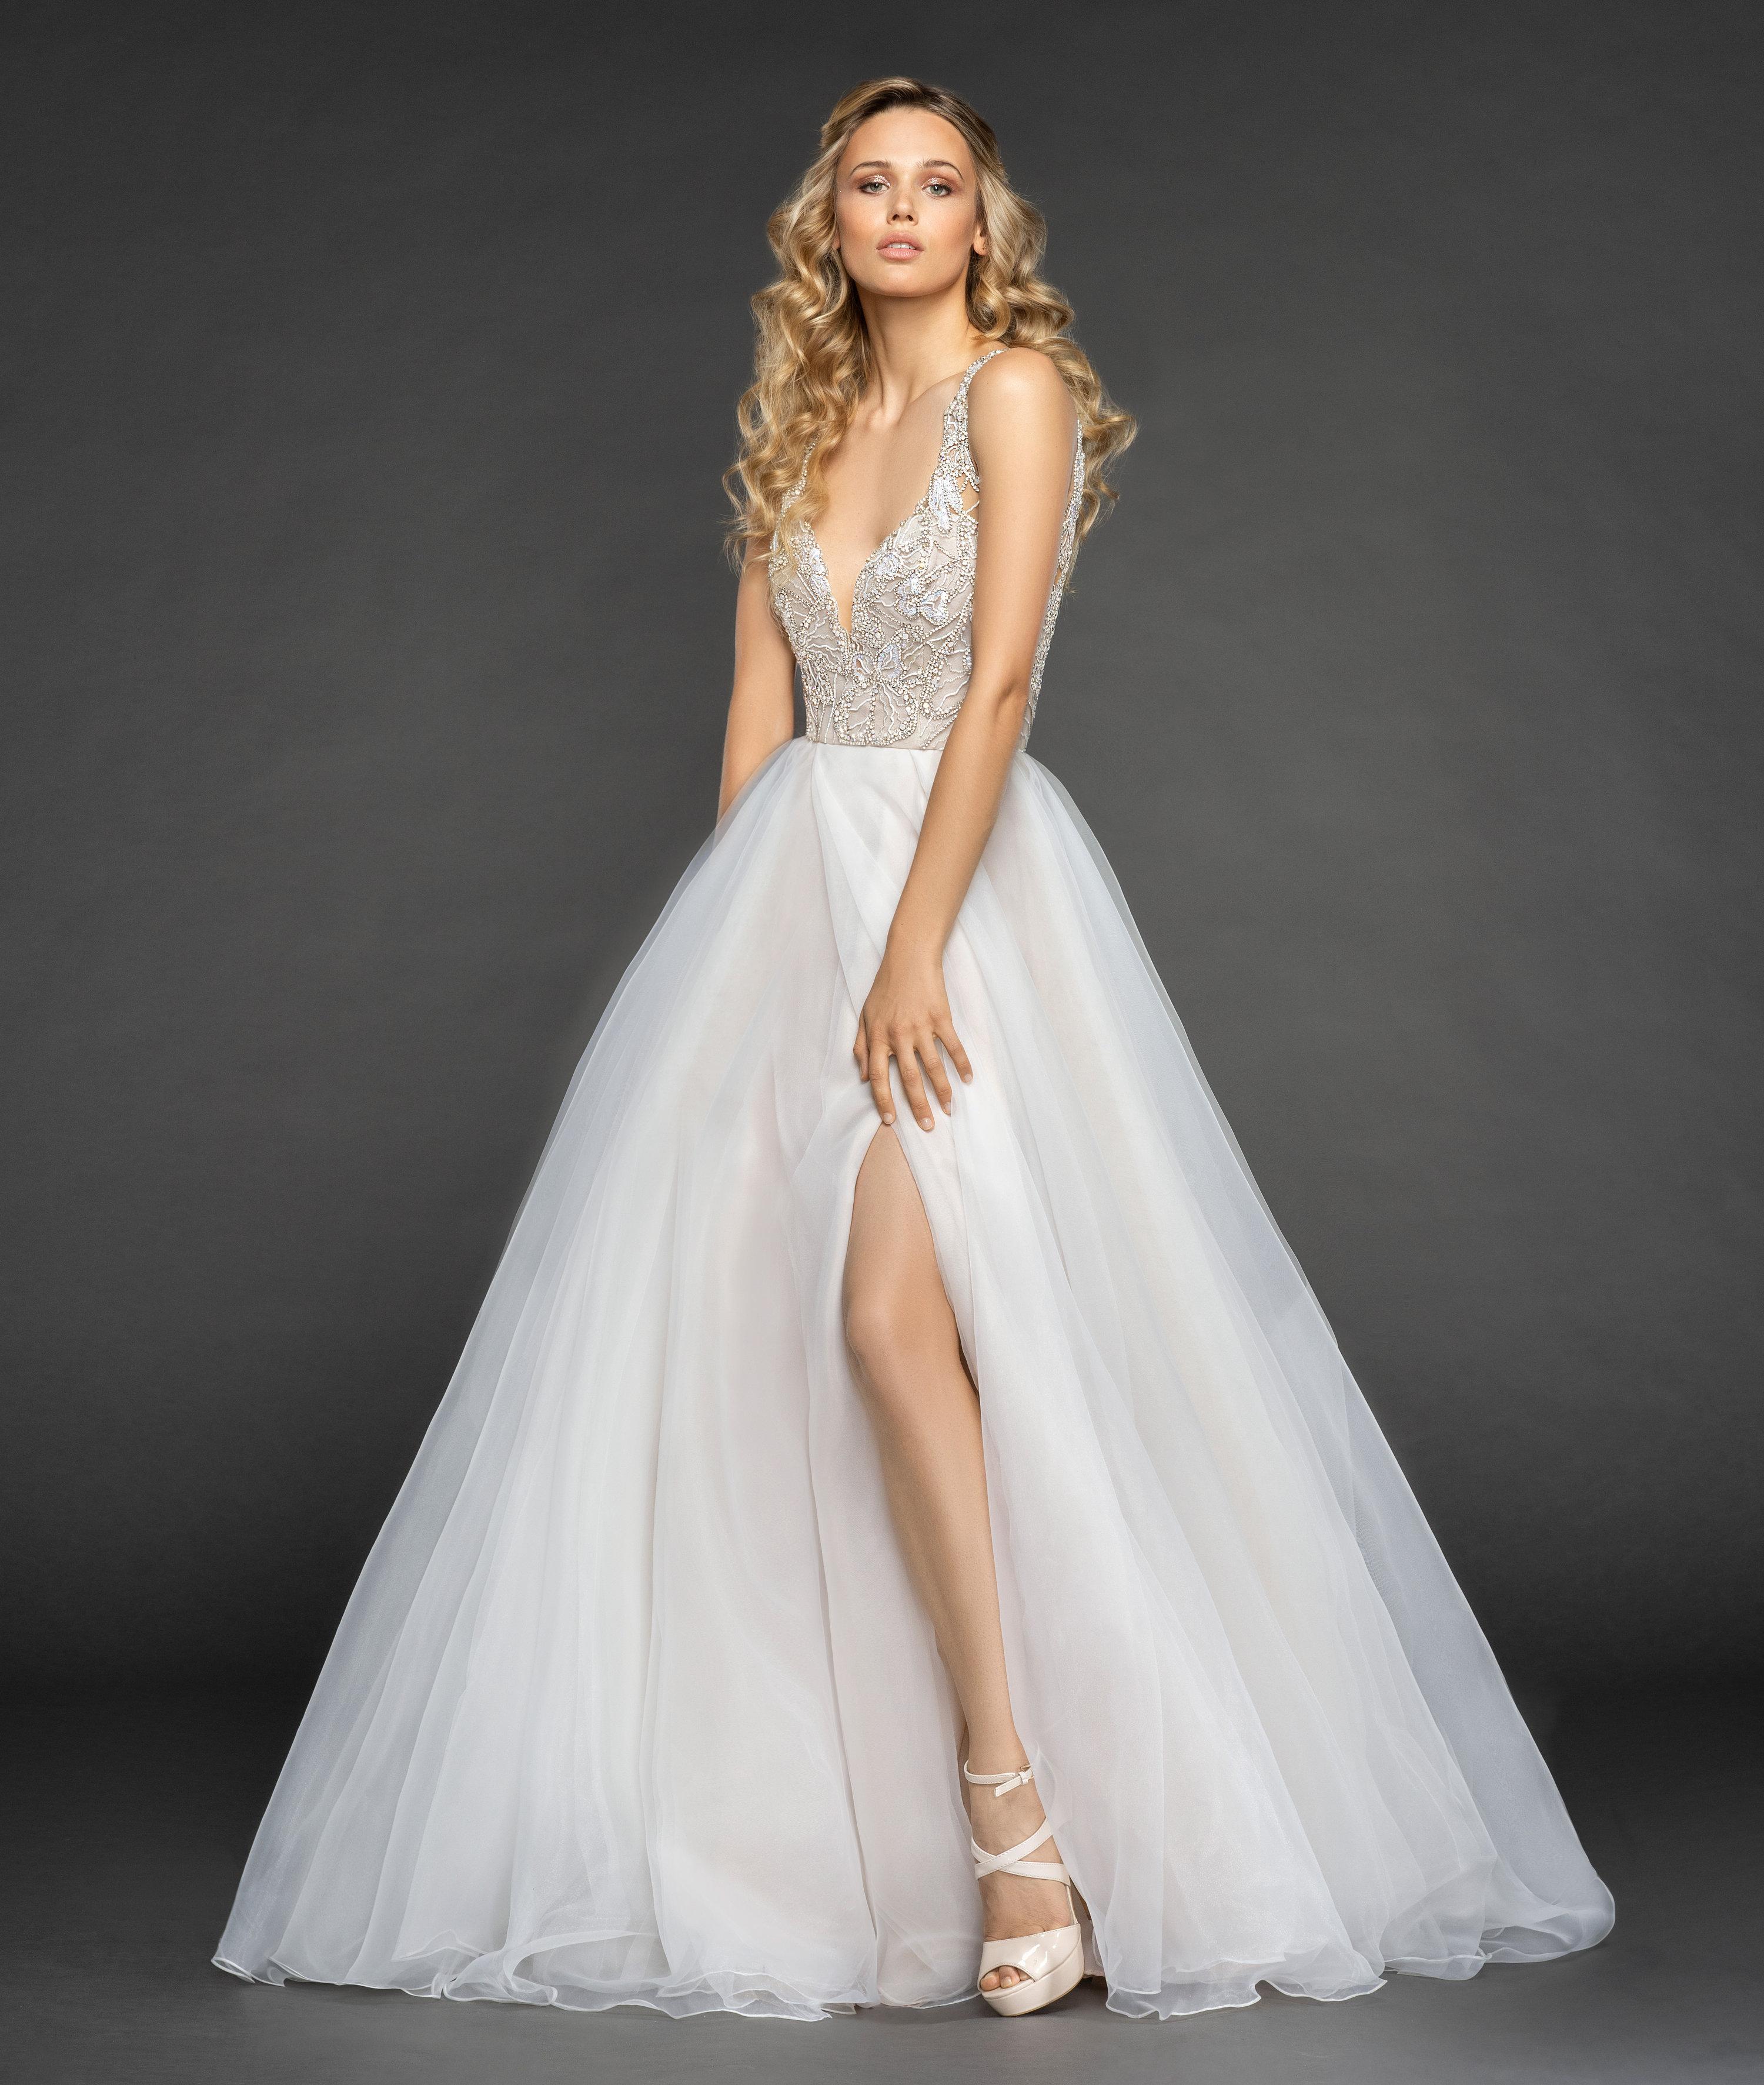 Wedding Dress Gowns Com